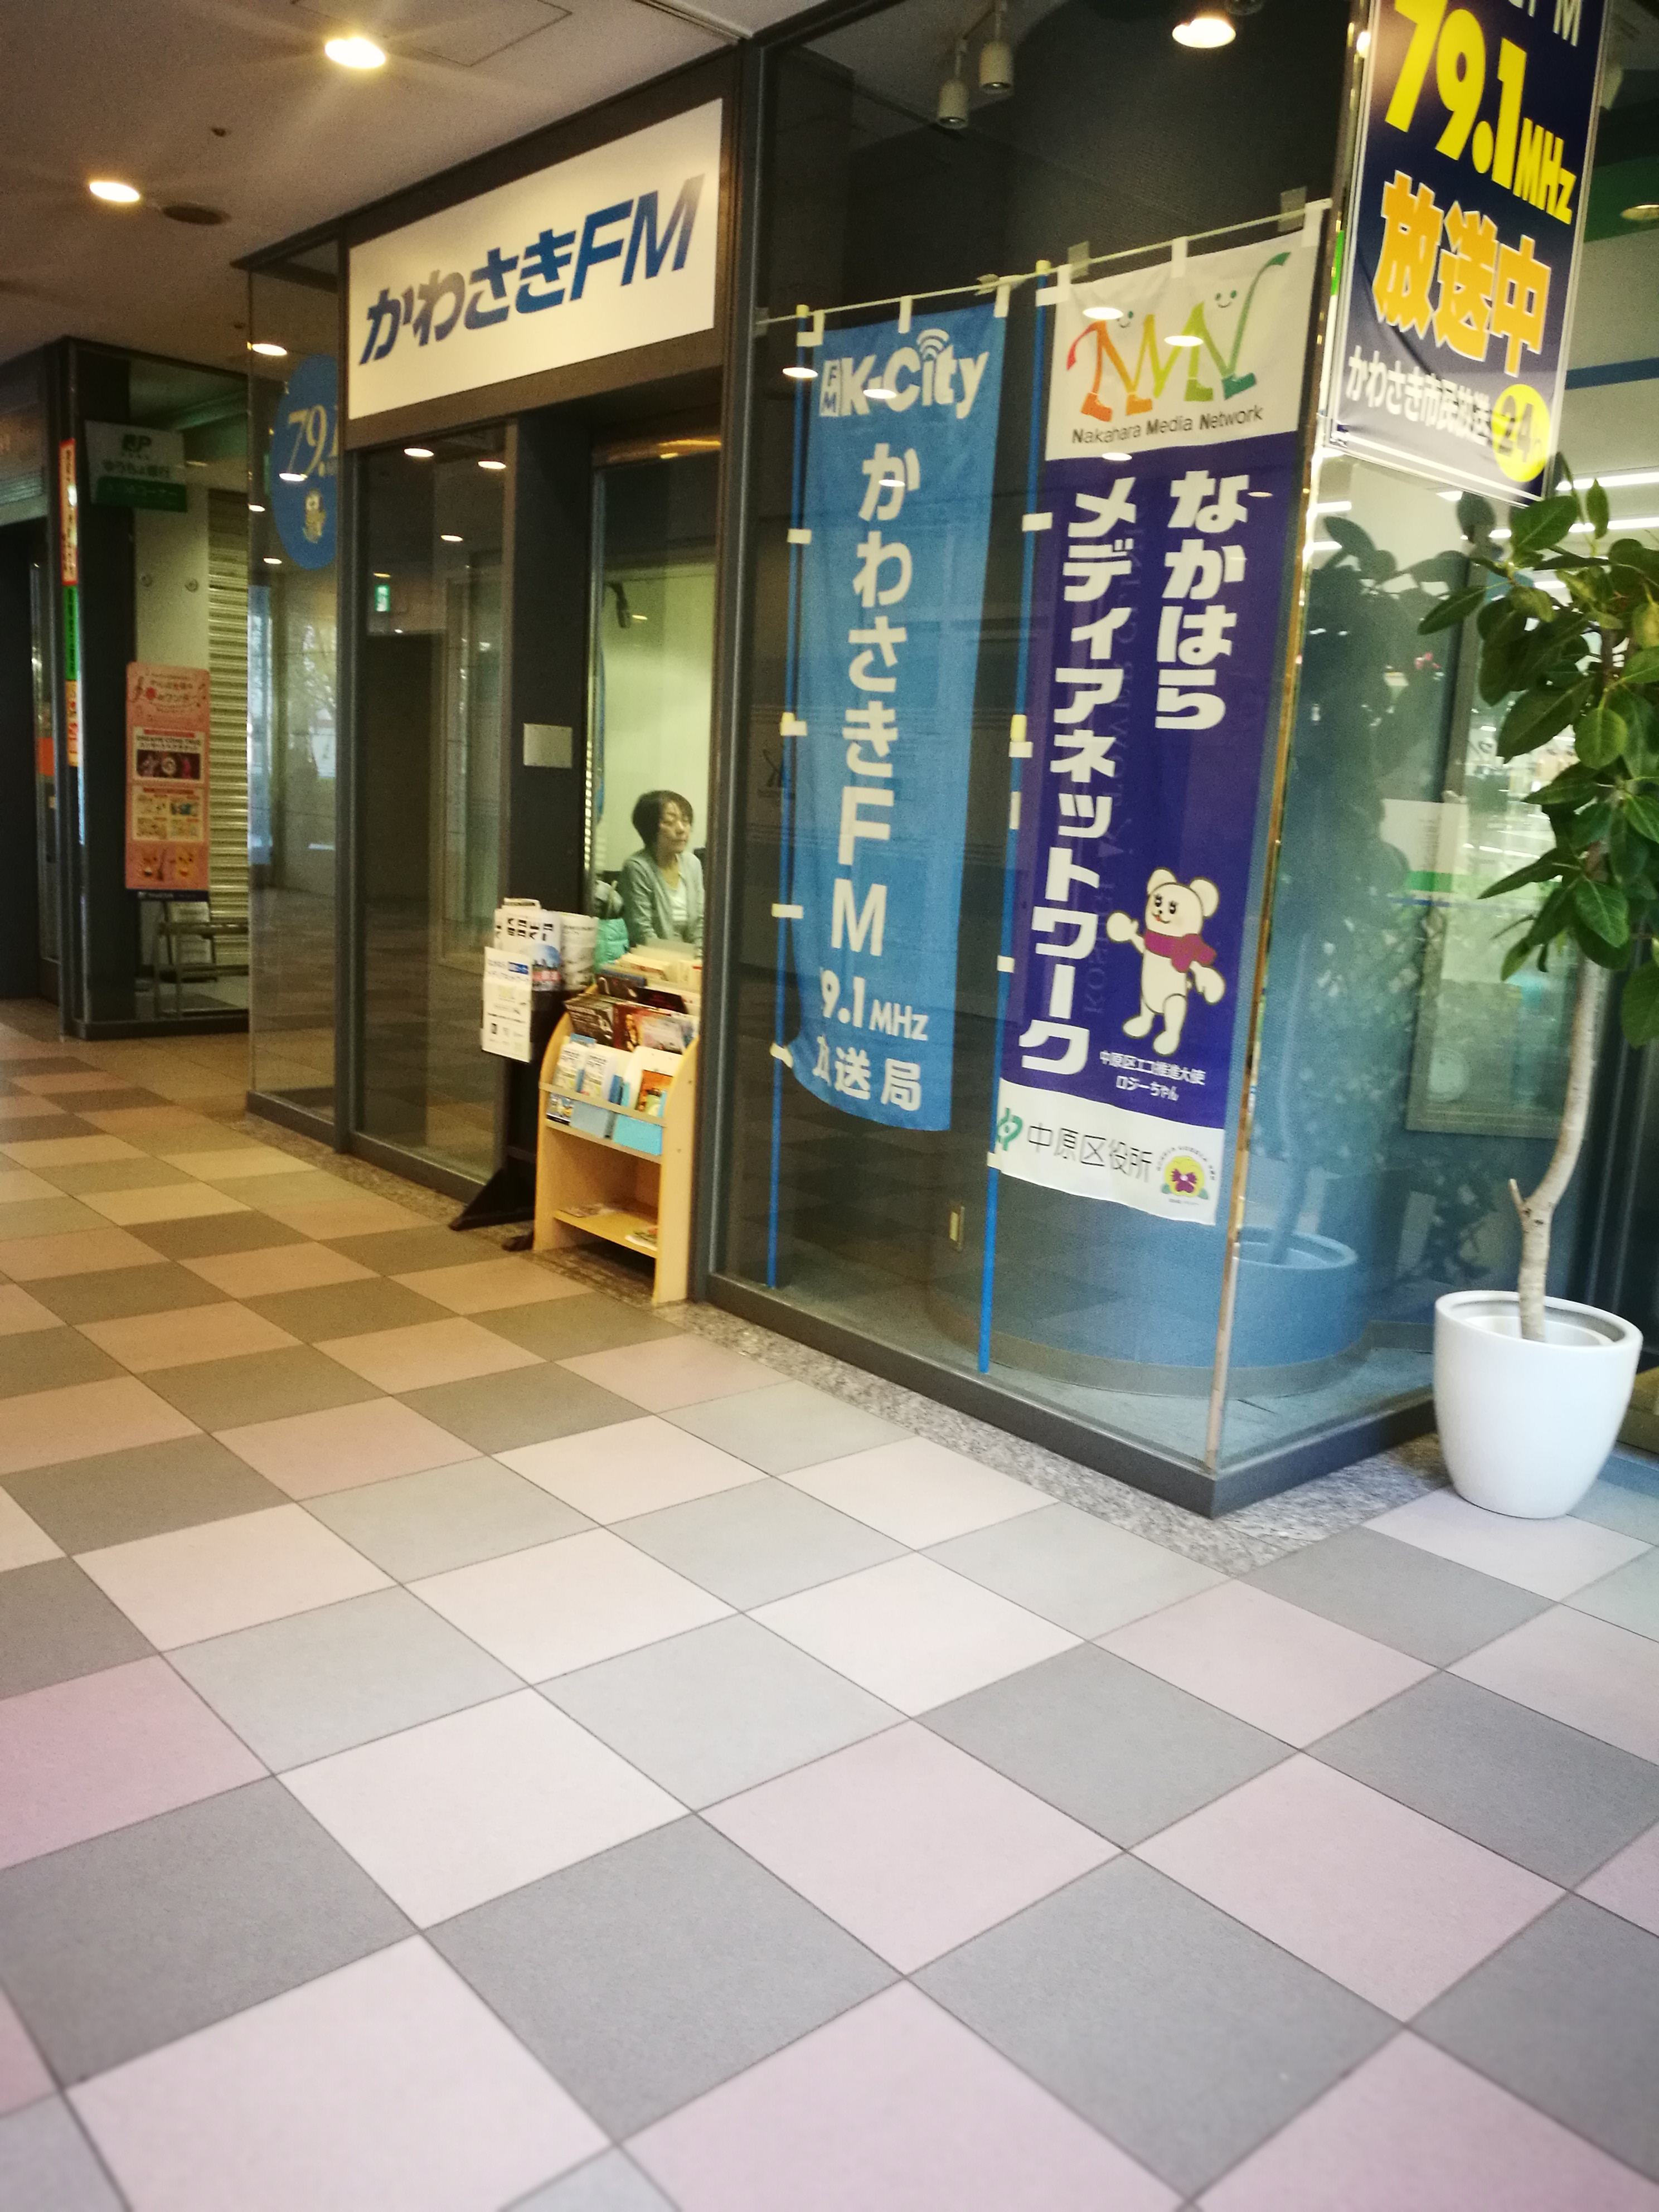 4月13日㈯11時~かわさきFM79.1MHz『アキラのかなり最高❤』にラジオ出演します。